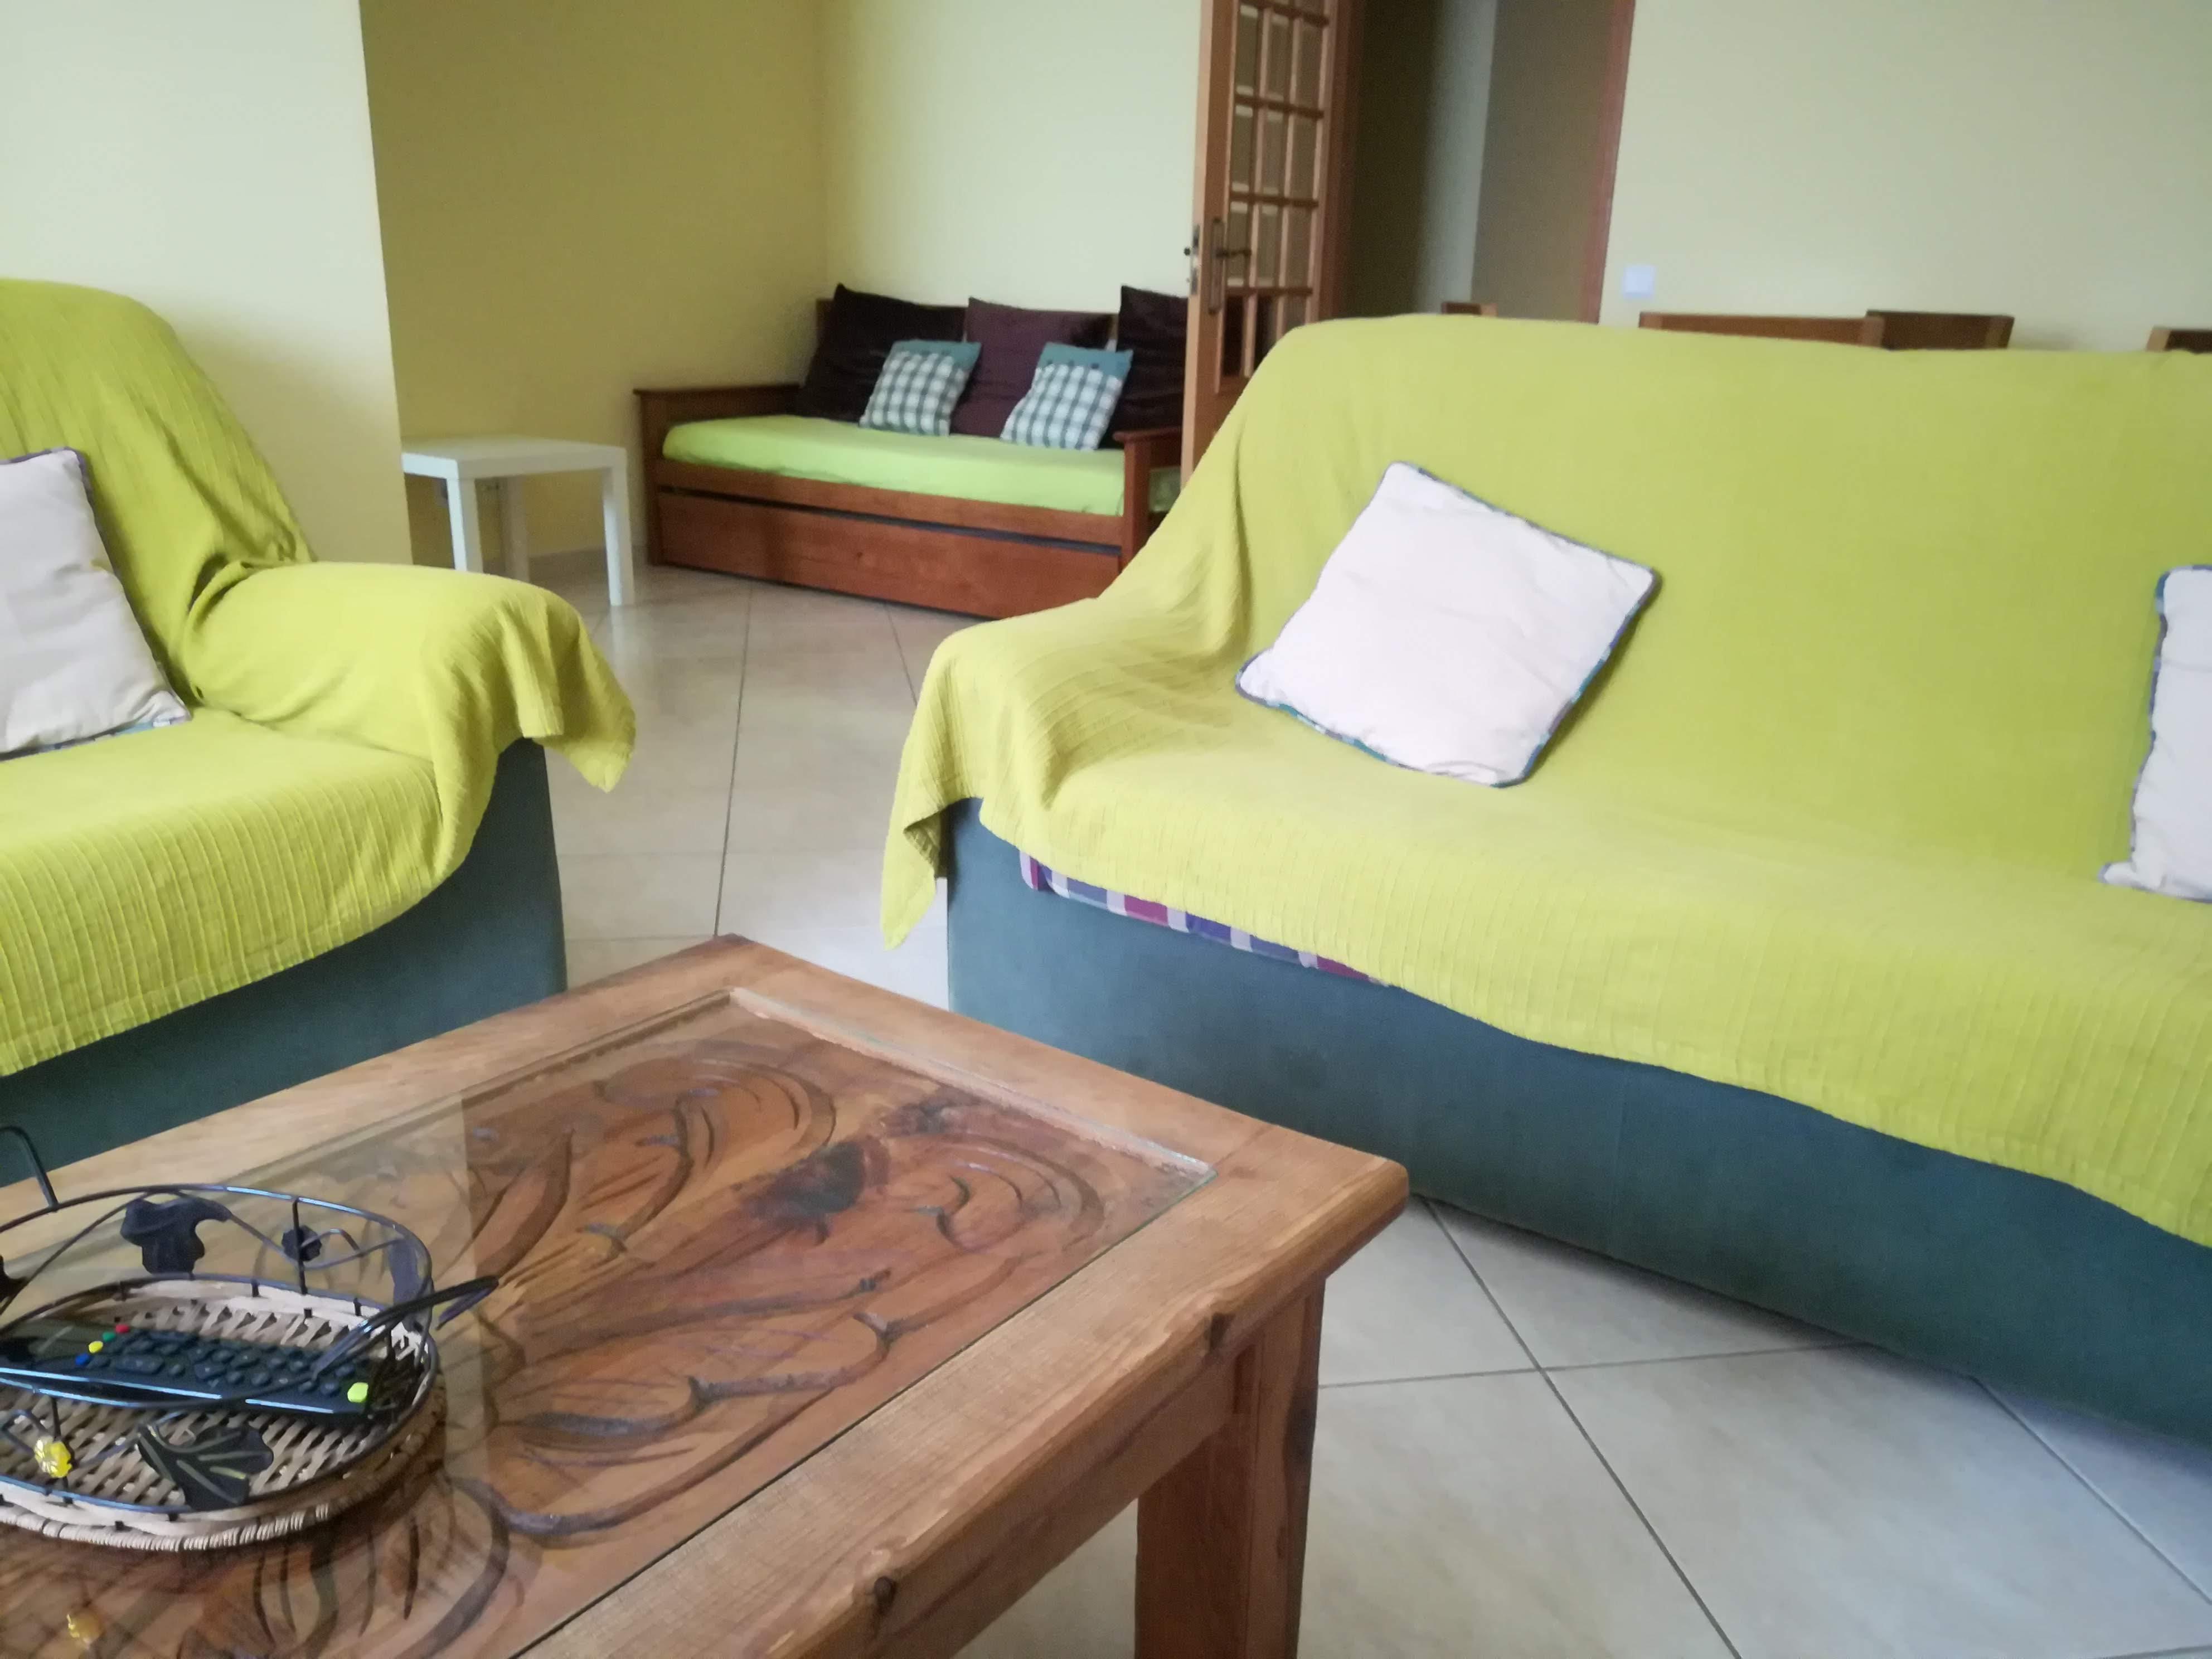 Location appartements et villas de vacance, Apartamento com terraço, perto da praia à Armação de Pêra, Portugal Algarve, REF_IMG_9160_9167